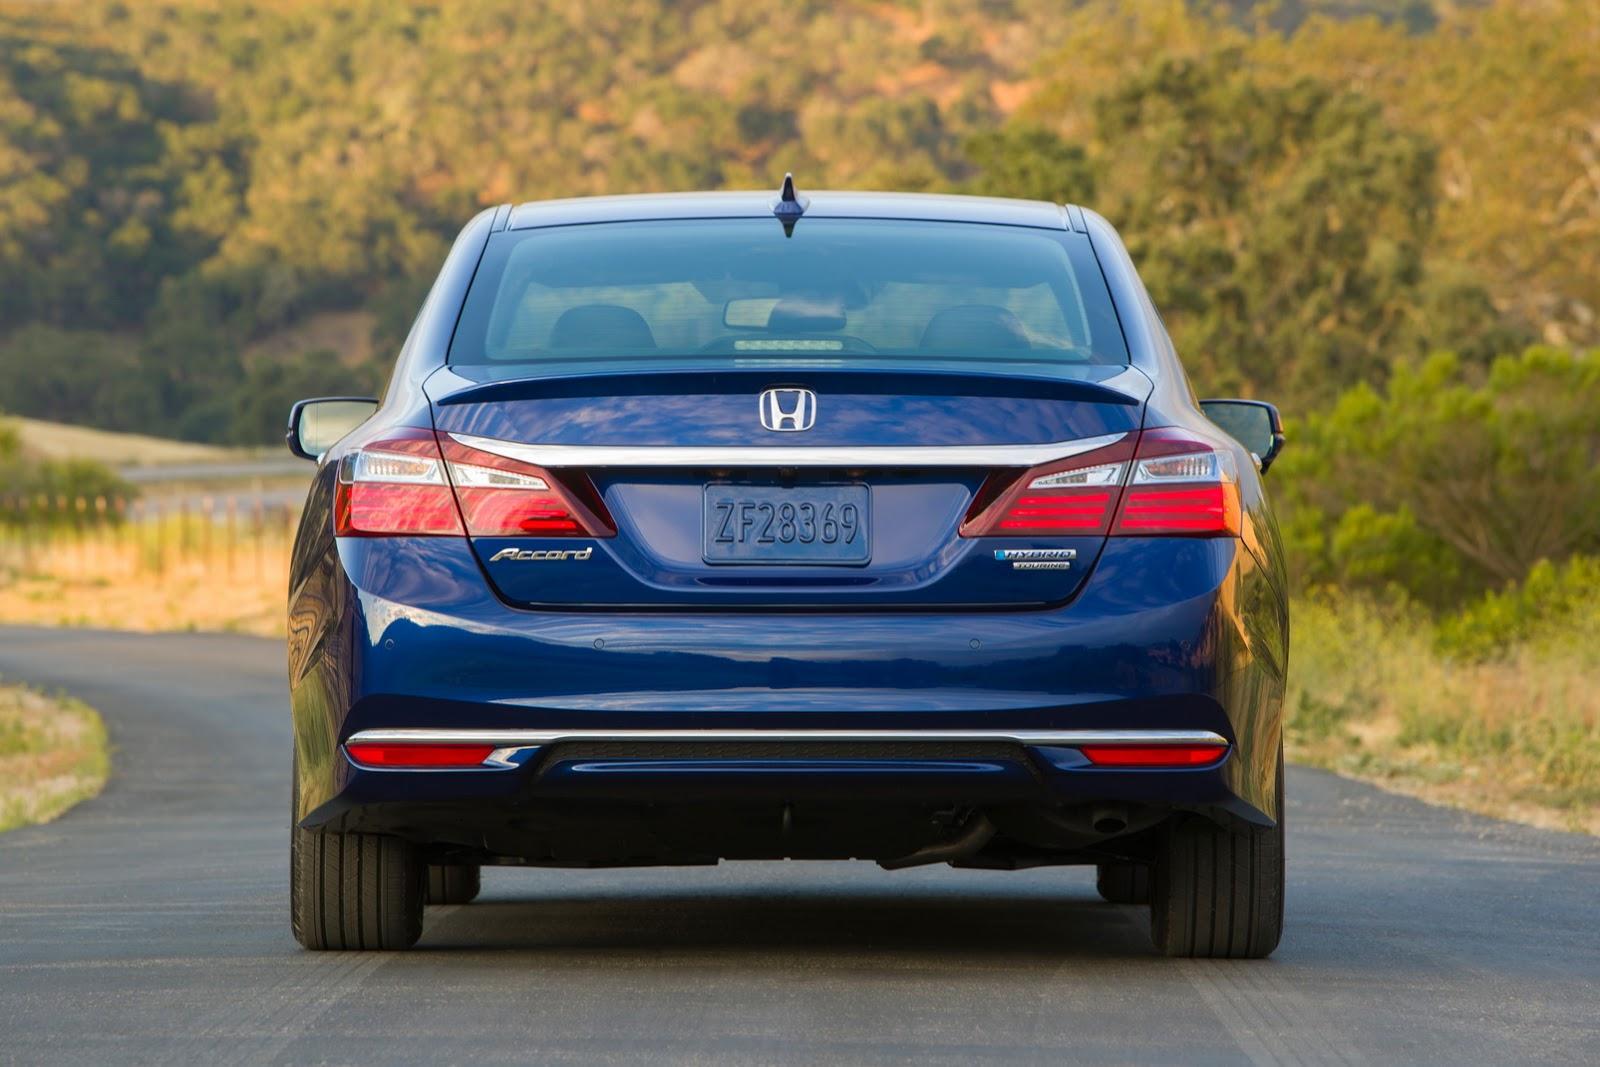 Mạnh mẽ hơn trước nhưng Honda Accord Hybrid 2017 lại tiết kiệm nhiên liệu hiệu quả với mức tiêu thụ 4,8 lít/100 km nội thành, 5.0 lít/100 km đường trường và 4,9 lít/100 km đường hỗn hợp. Với mức tiêu thụ này, Honda Accord Hybrid 2017 là mẫu xe tiết kiệm nhất phân khúc.